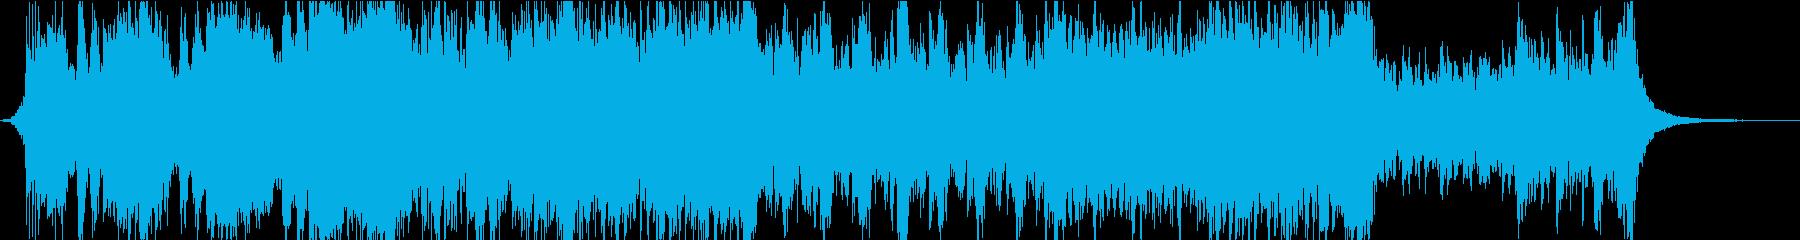 シューティングゲーム/戦闘/襲撃BGMの再生済みの波形